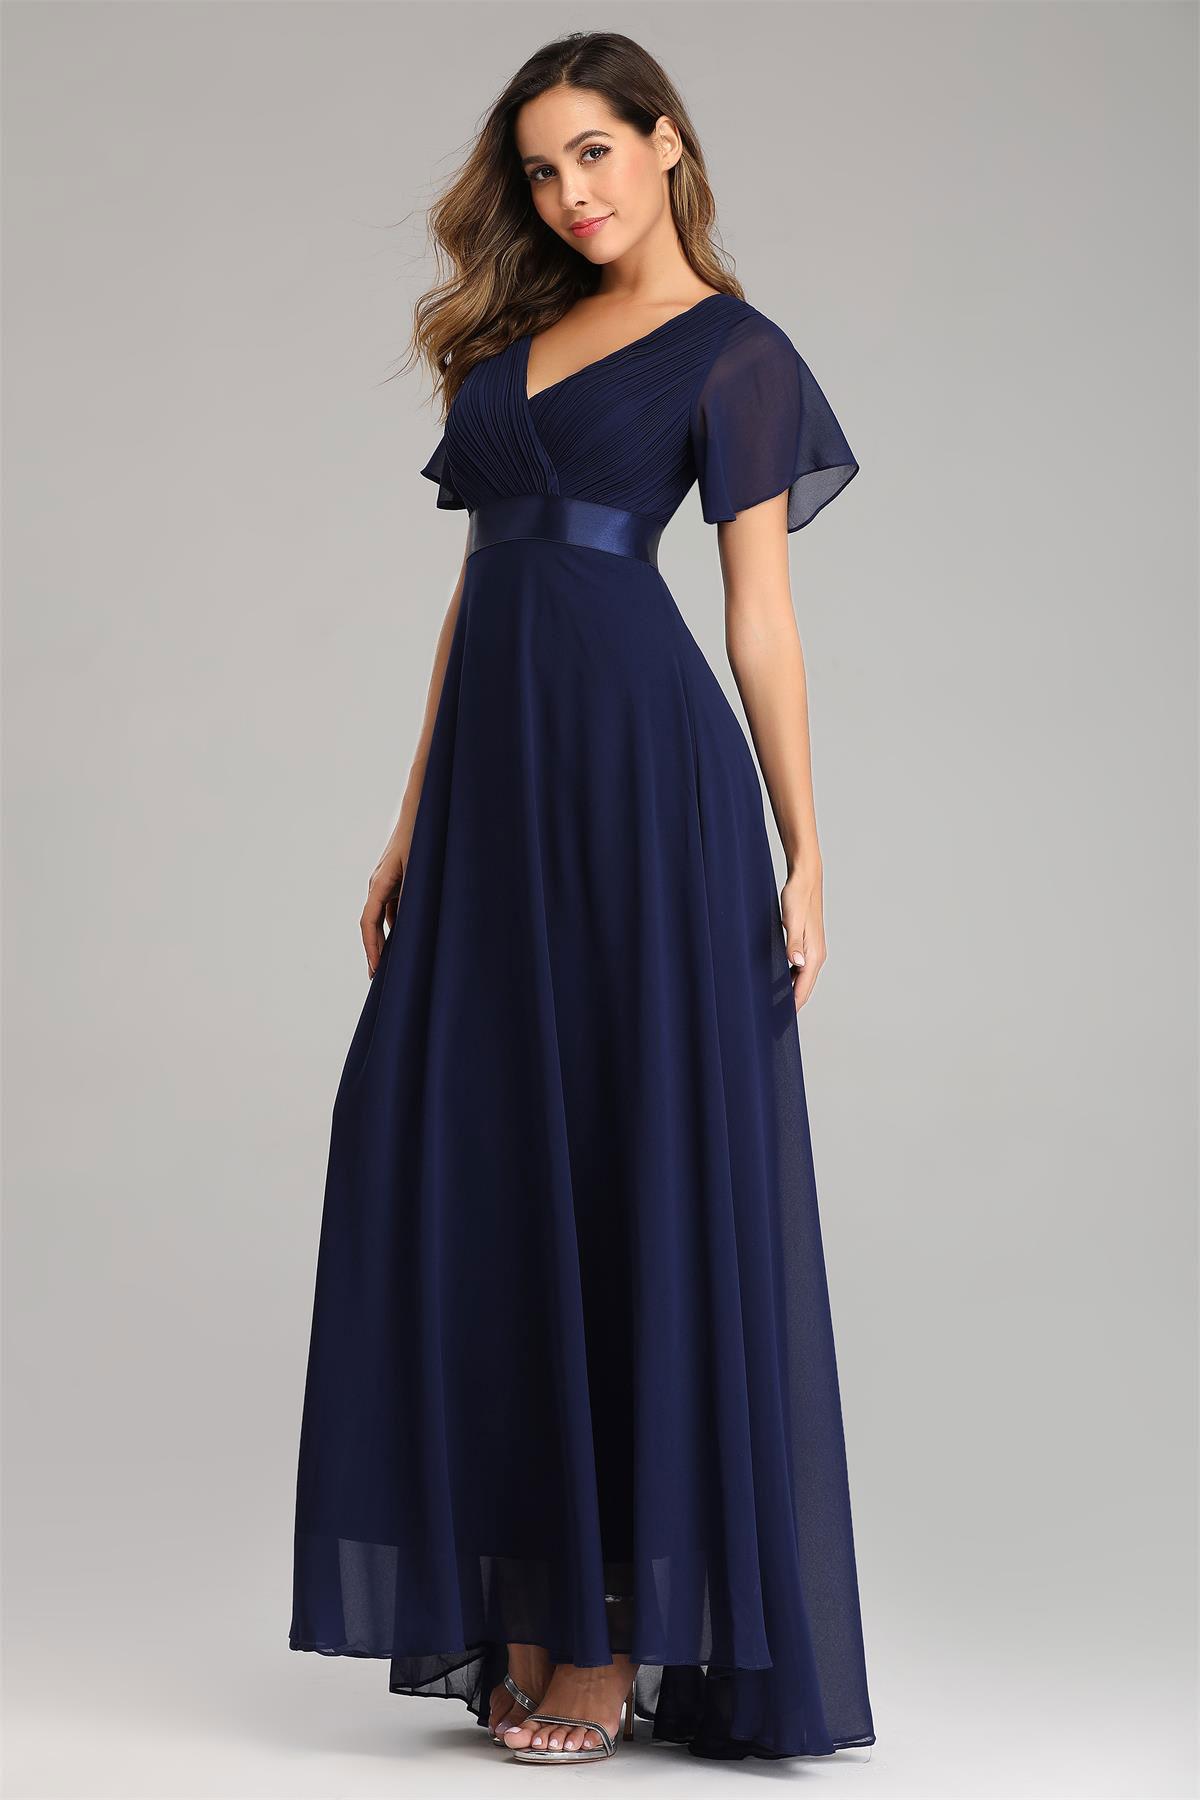 robe demoiselle d'honneur simple bleu nuit encolure v plissé avec manches à volant